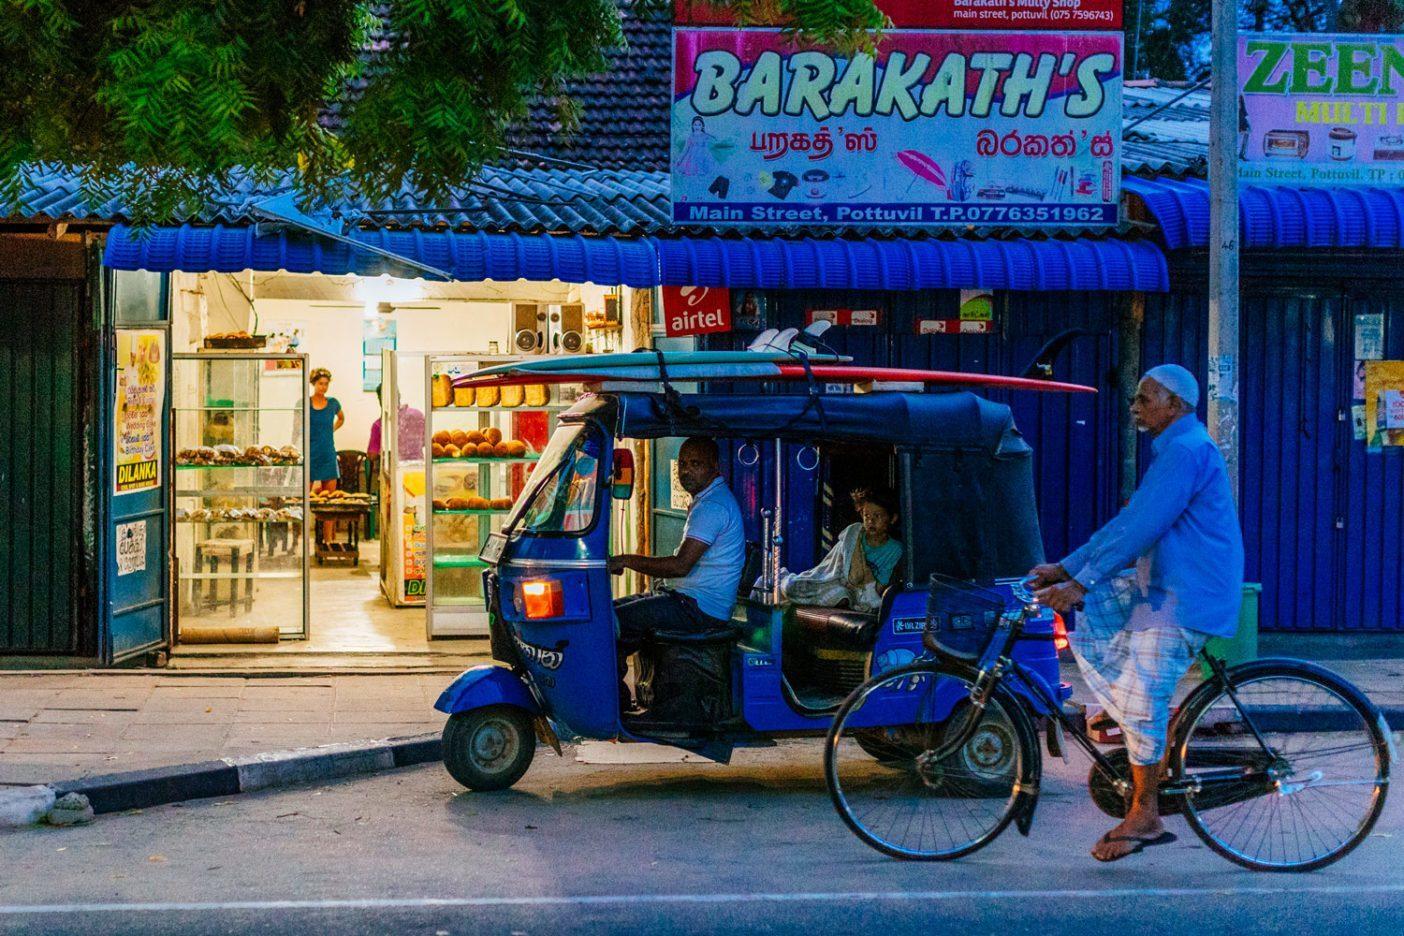 ベリンダが朝にパン屋で買い物するあいだ、トゥクトゥクで待機するレイソン。Photo: Jarrah Lynch